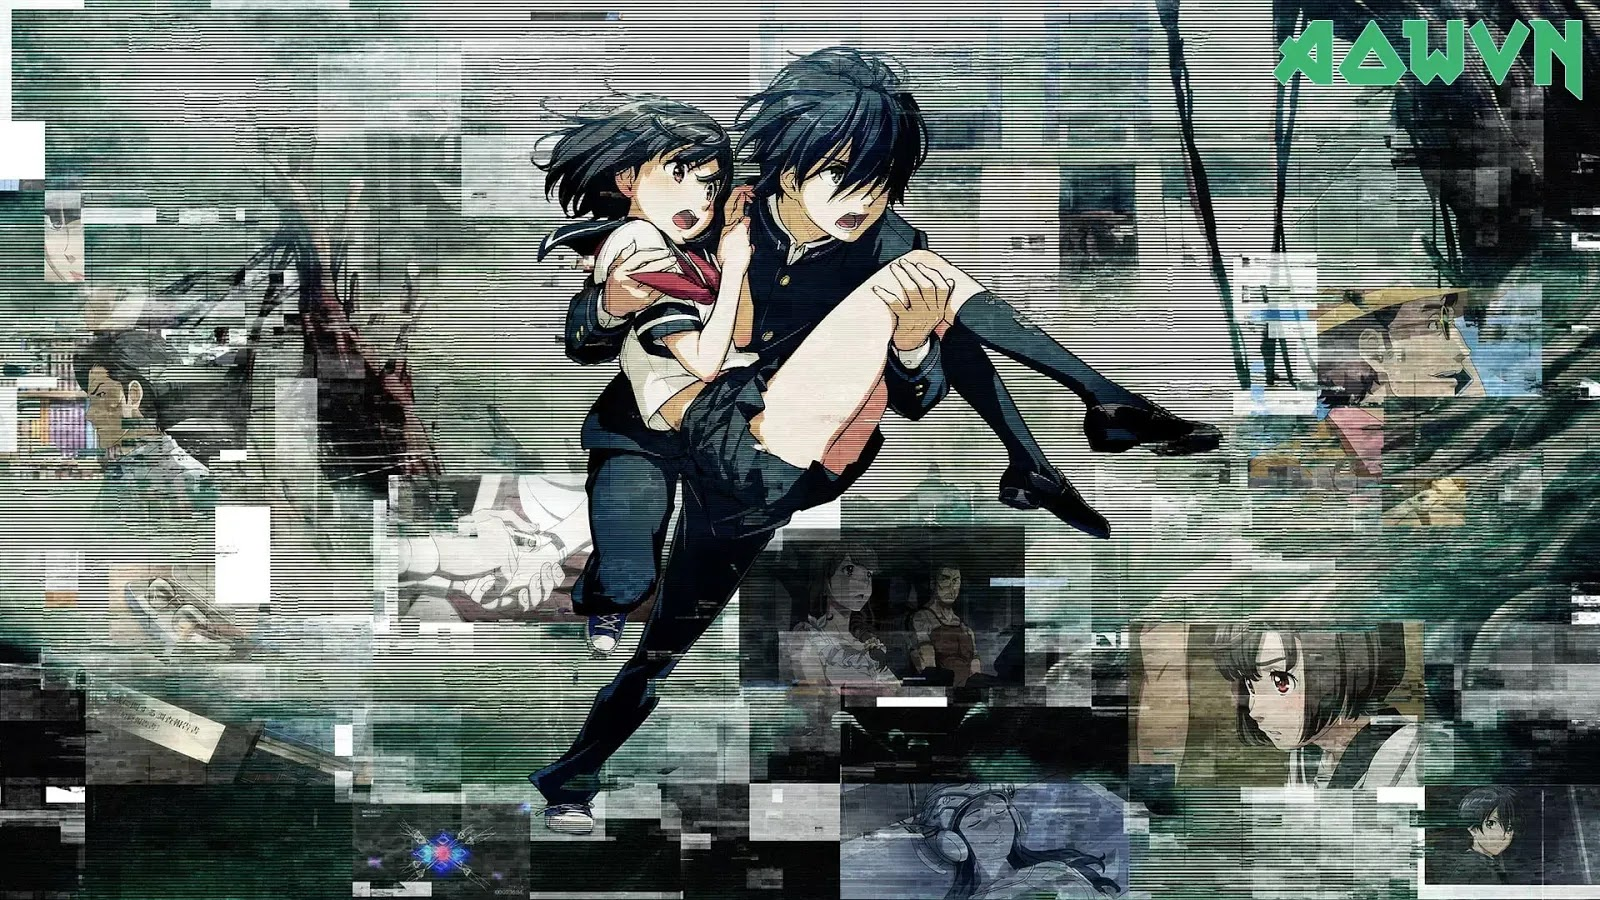 32WeuBrqcXyTFEMcoWr0qkjf1zT - [ Anime 3gp Mp4 ] A.I.C.O.: Incarnation | Vietsub - Hành Động Giả tưởng Tình yêu Siêu hay